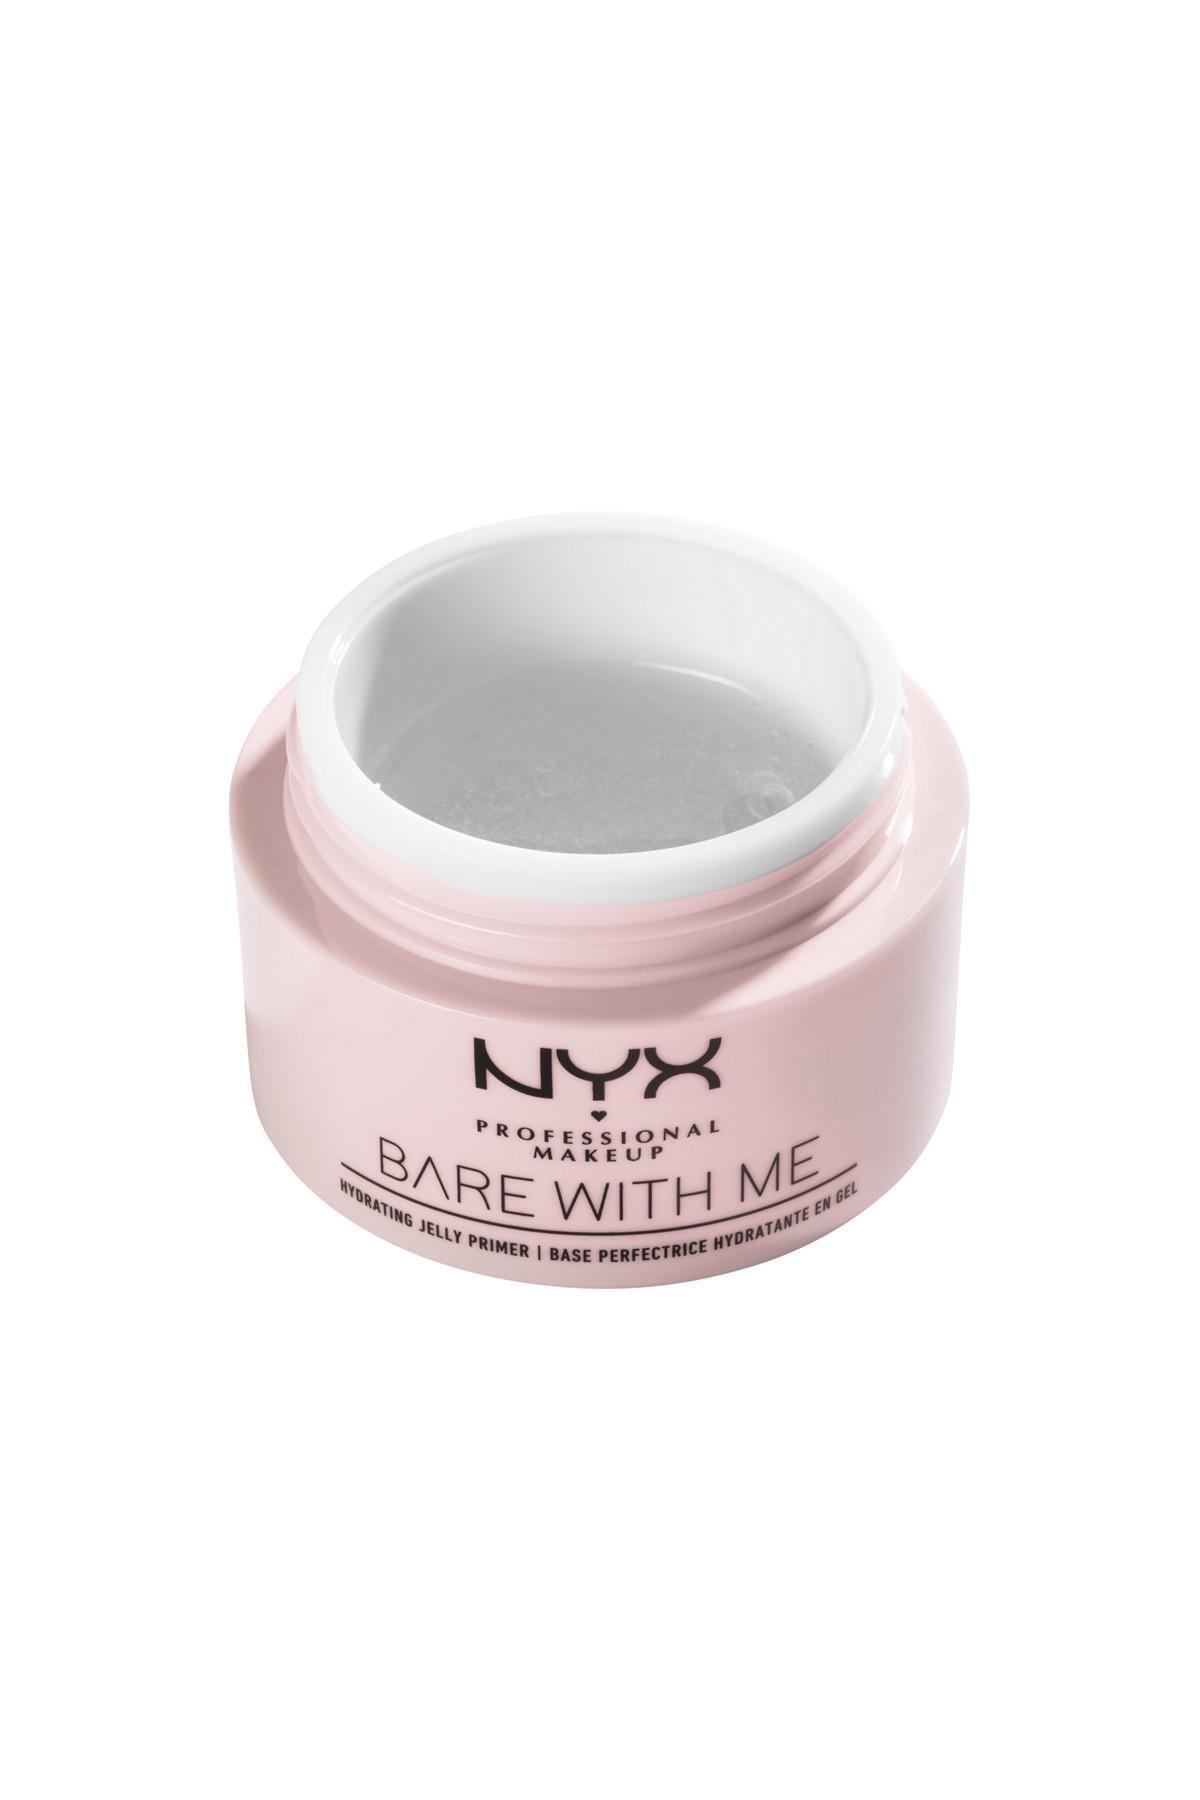 NYX Professional Makeup Nemlendirici Makyaj Bazı - Bare With Me Hydrating Jelly Primer 800897182557 1